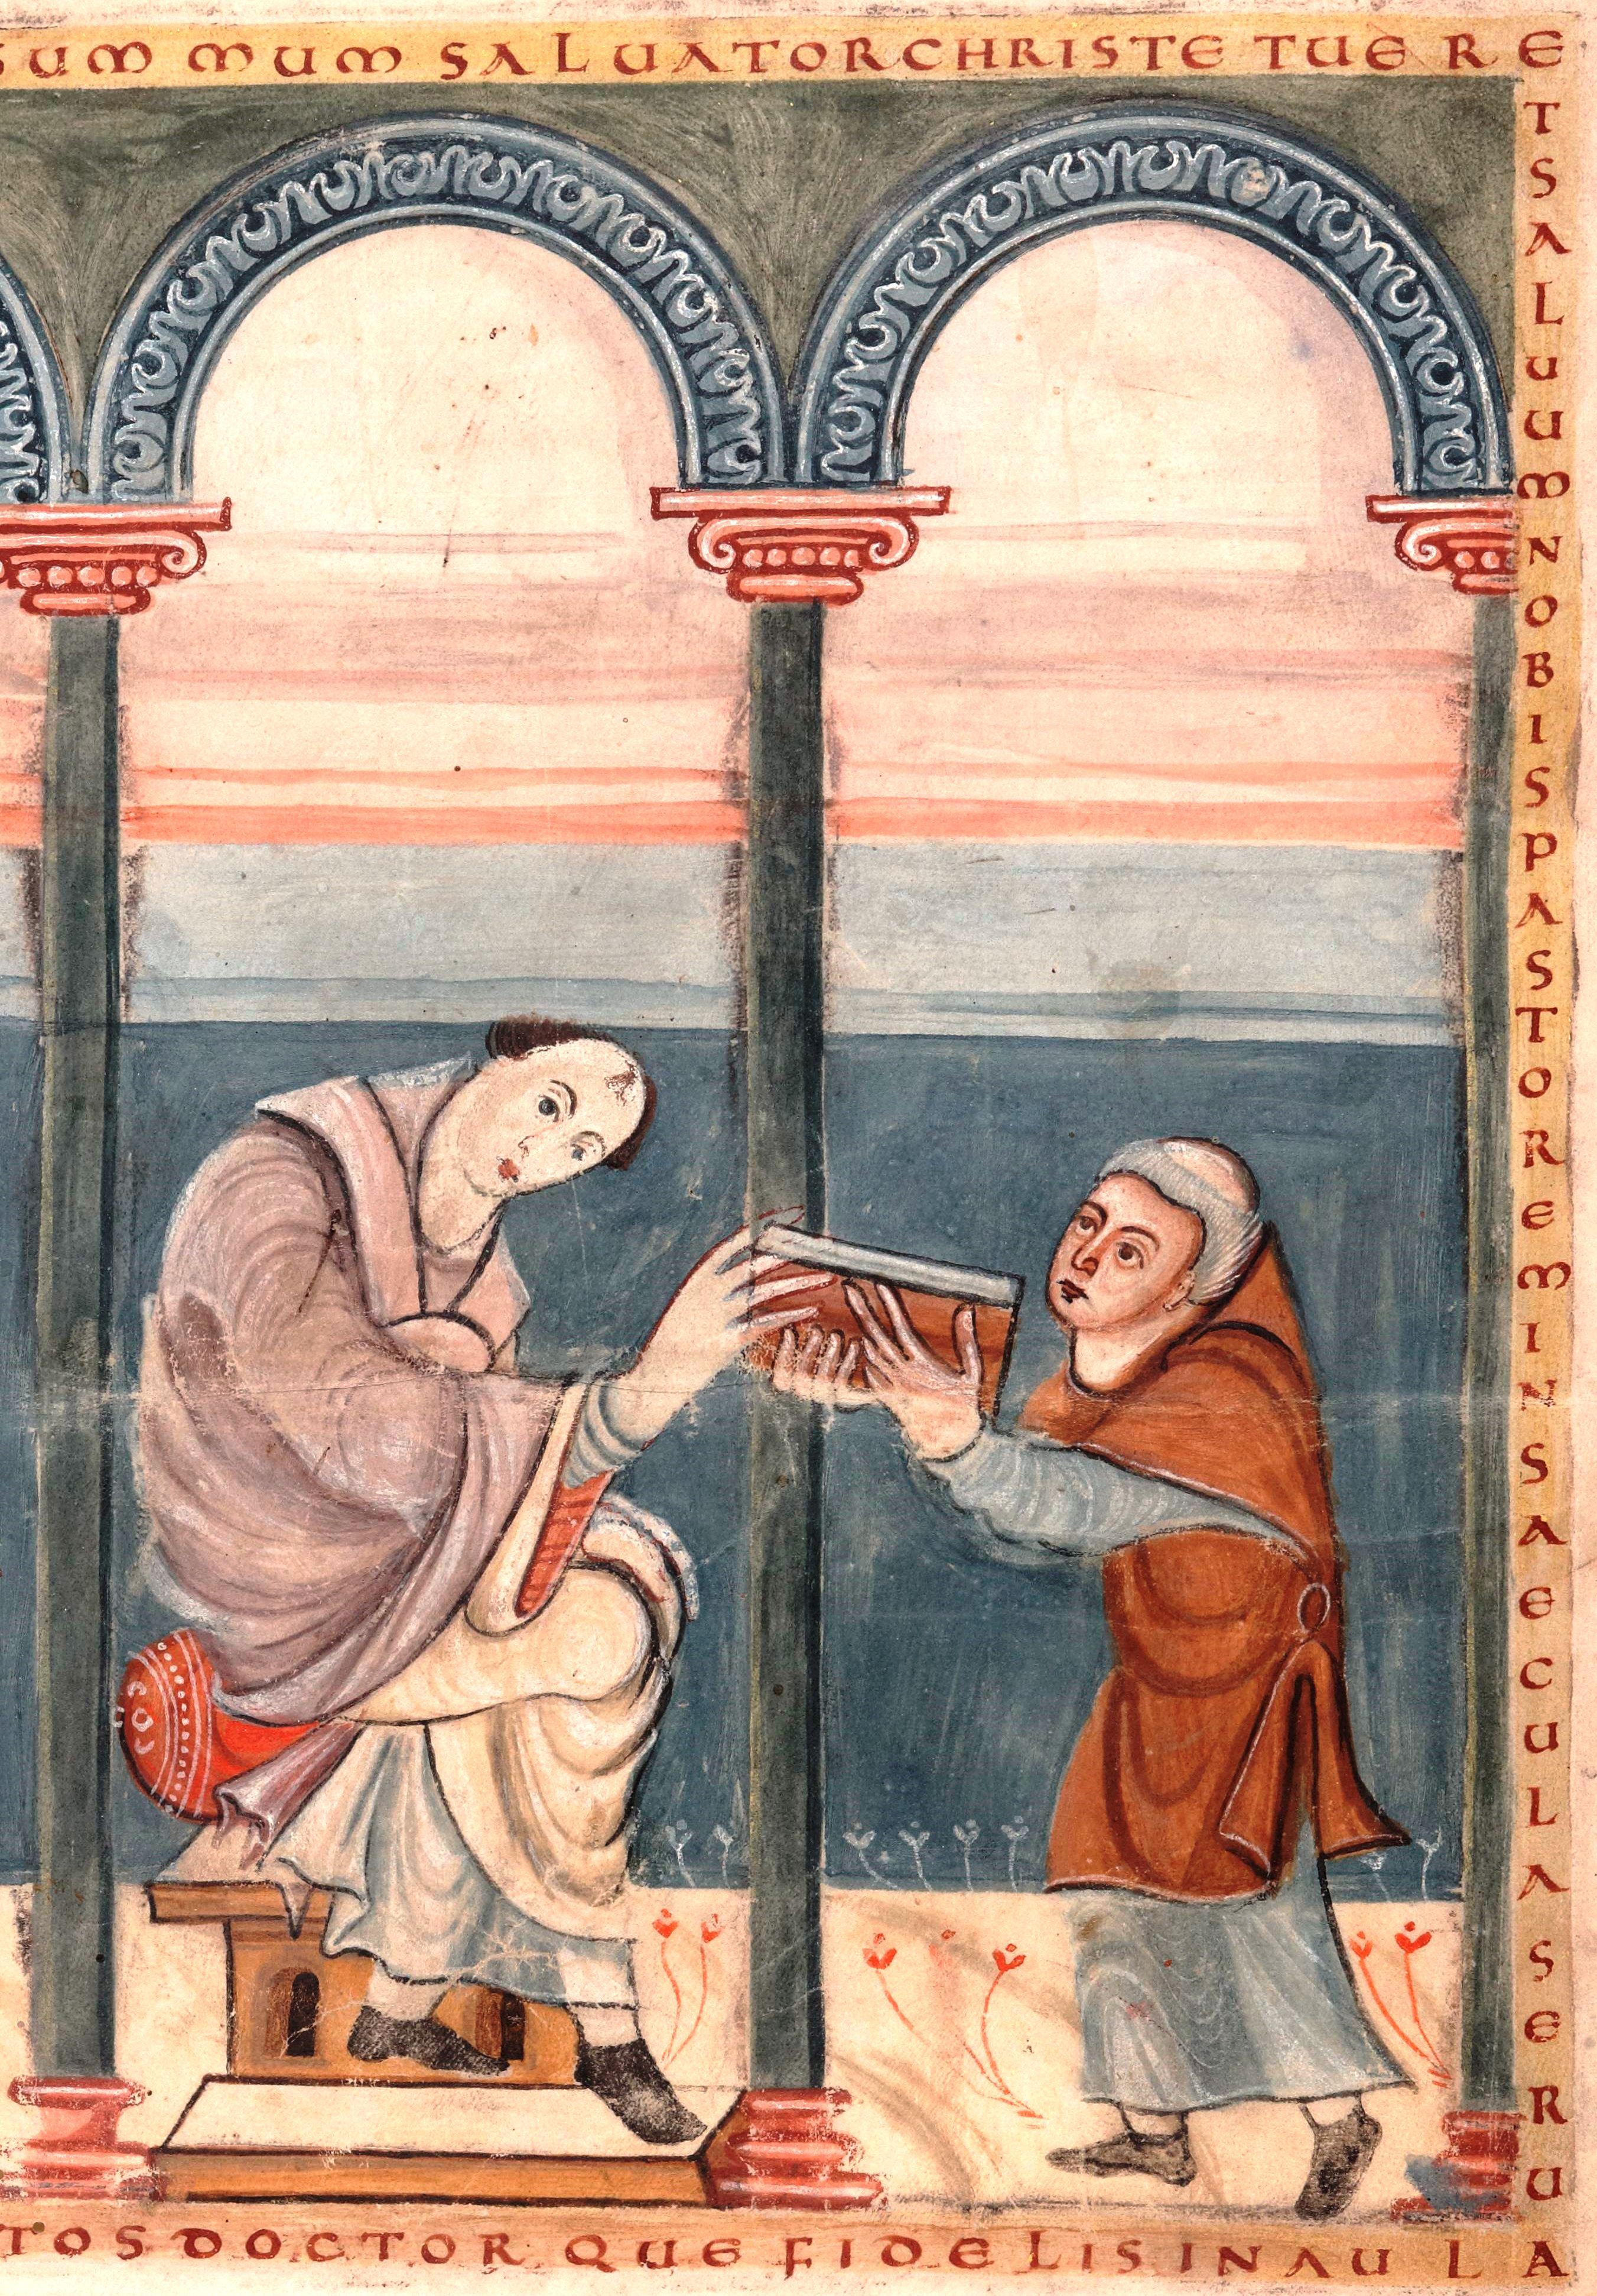 """Rabanus überreicht Papst Gregor IV. sein Werk """"De laudibus sanctae crucis – Lob des heiligen Kreuzes"""" (Ausschnitt), um 844, Amiens Bibliothèque municipale Ms. 223"""